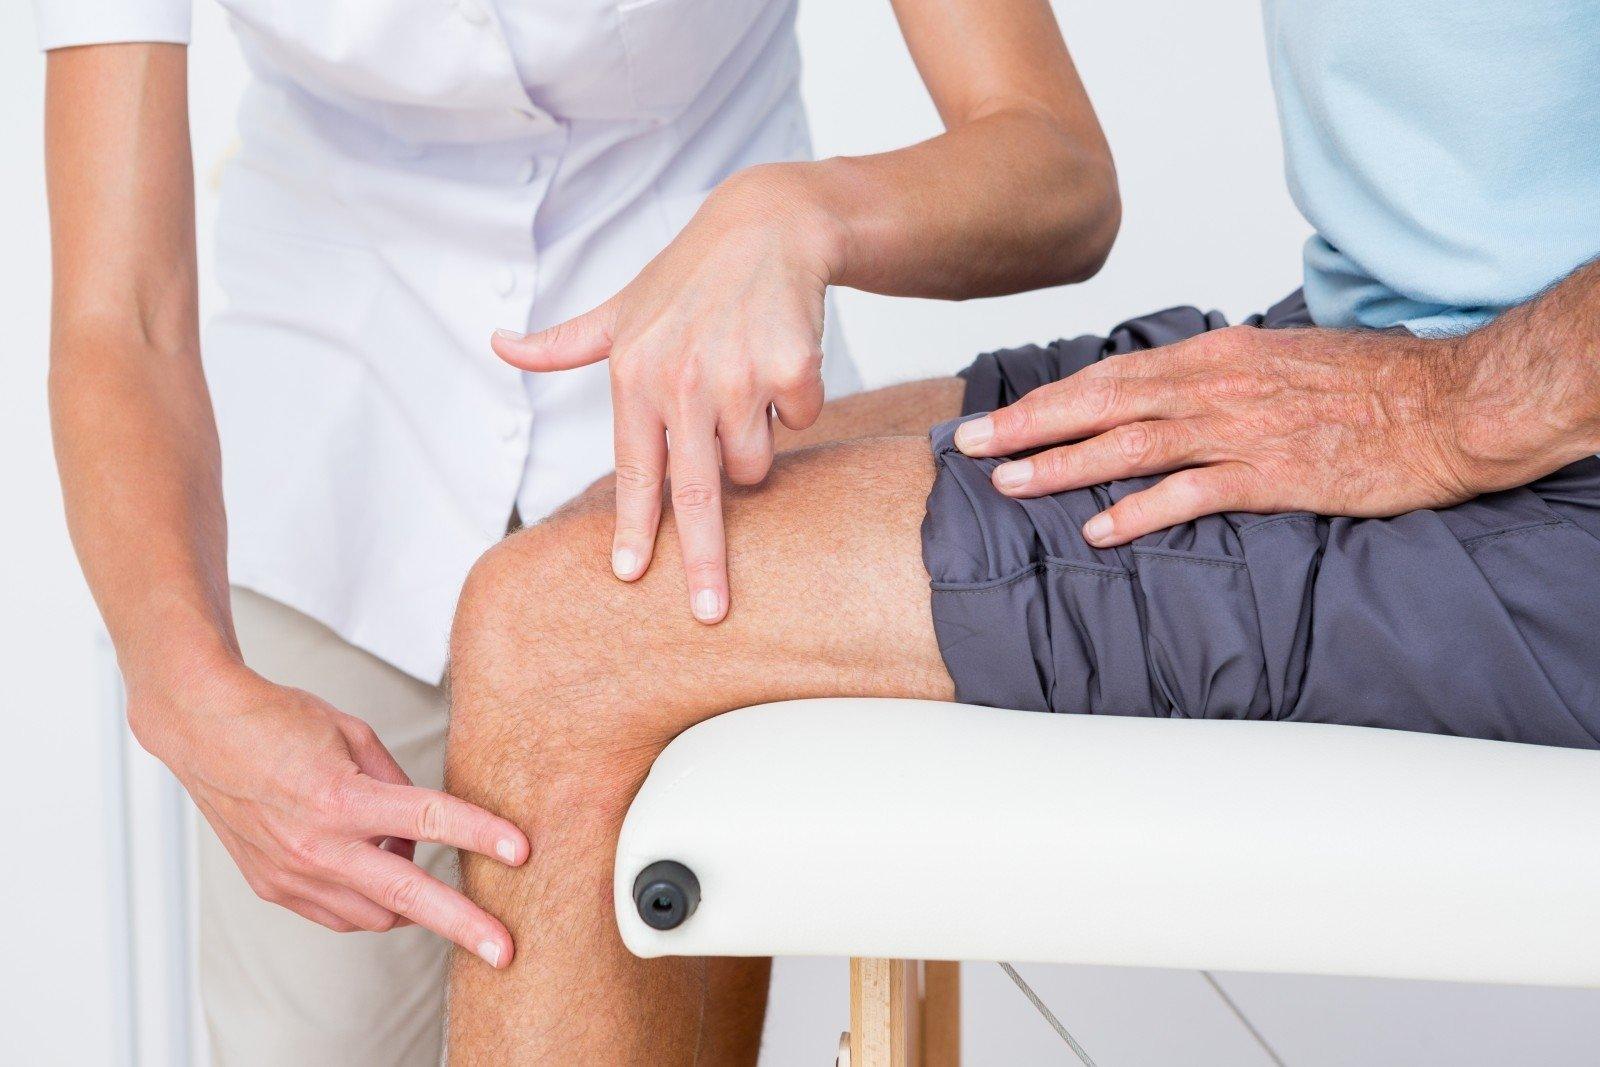 gydymas sustav skausmas visi sujungimai artrozė